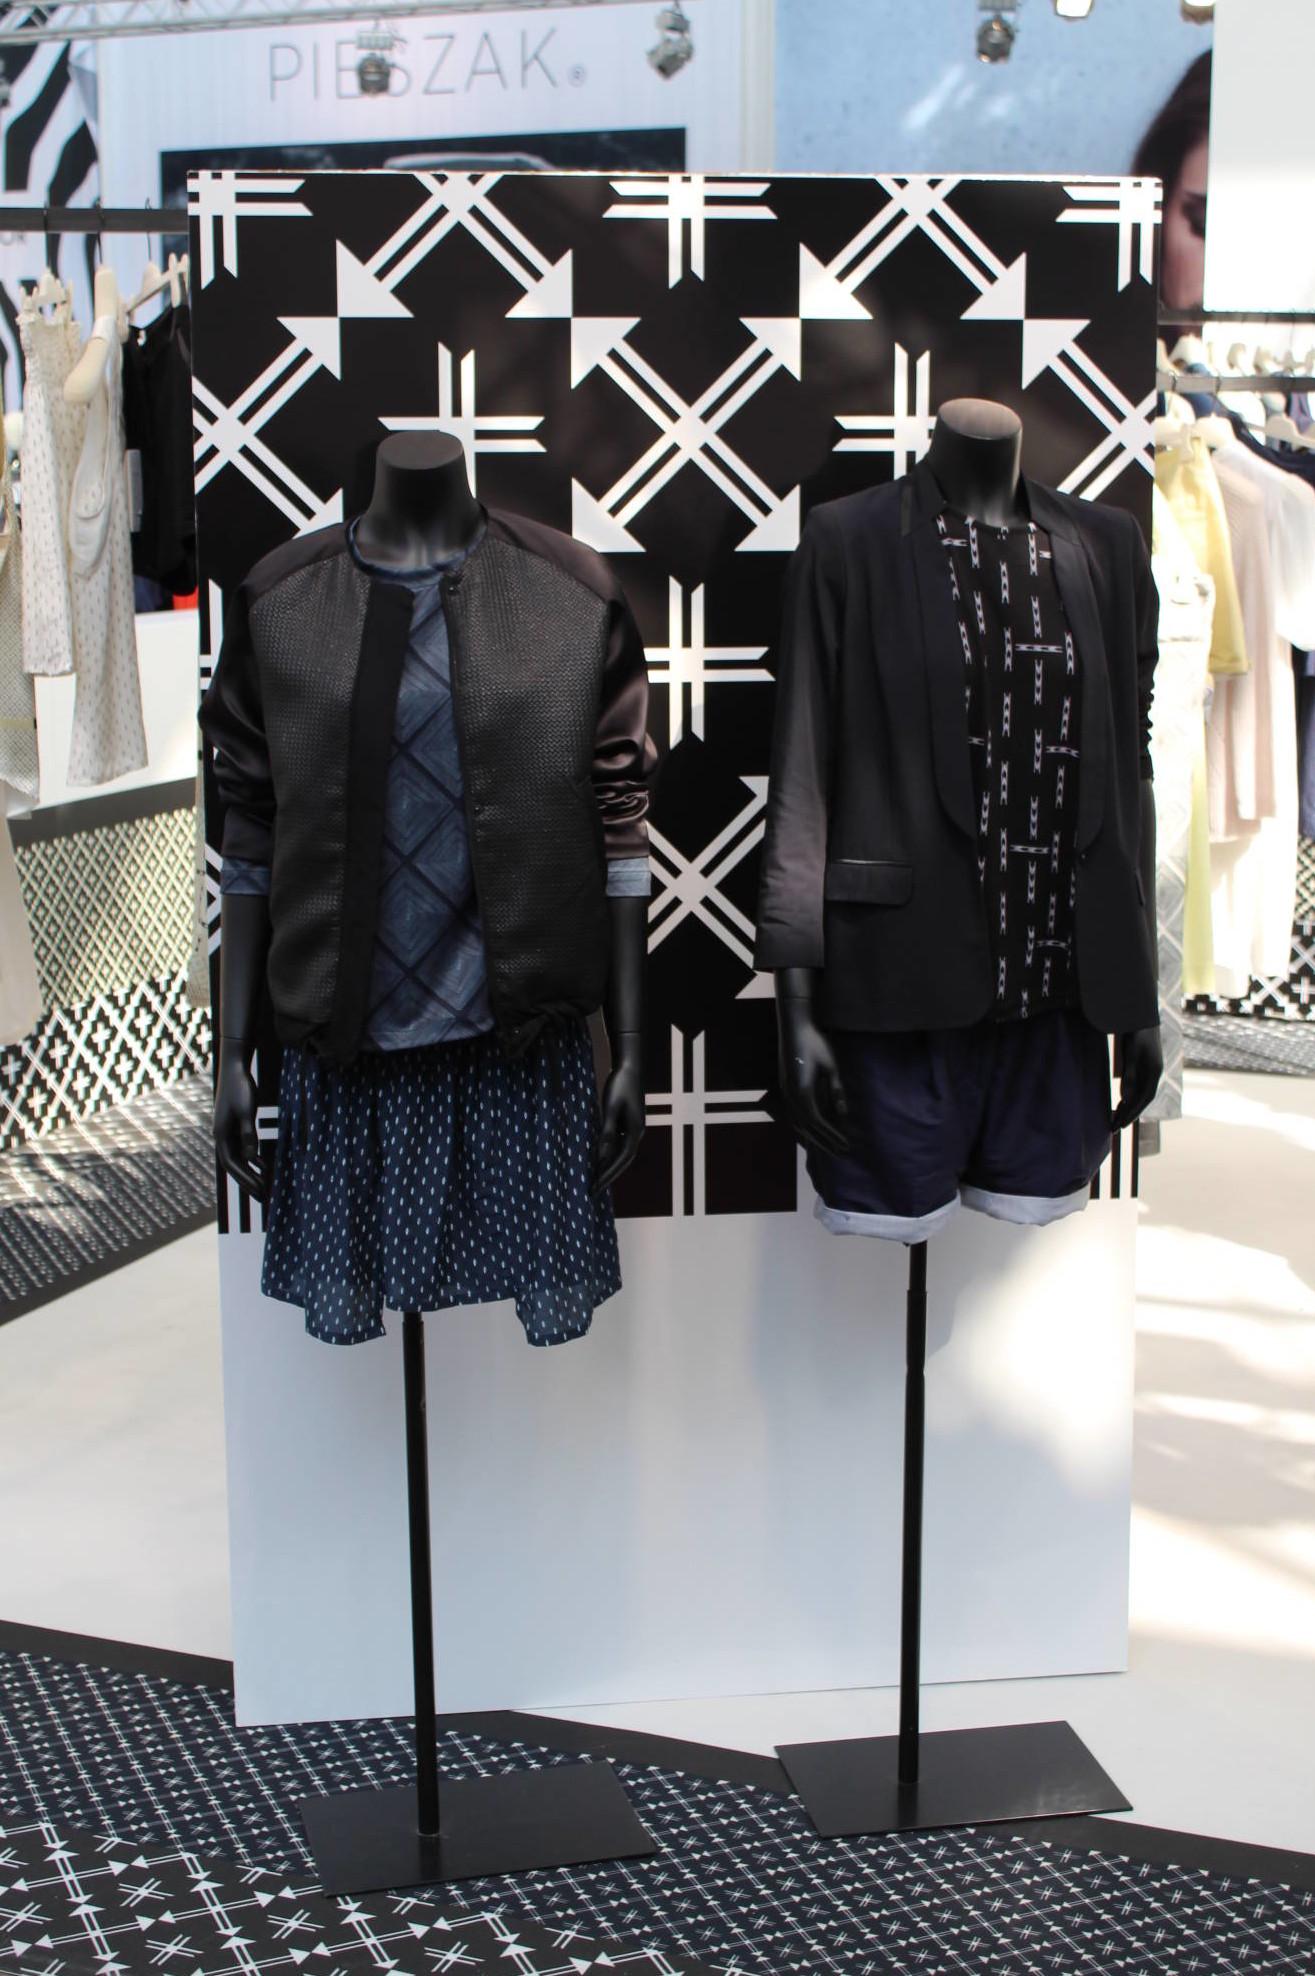 Torsoer anvendt på modemessen i København, alle farver kan tilbydes.